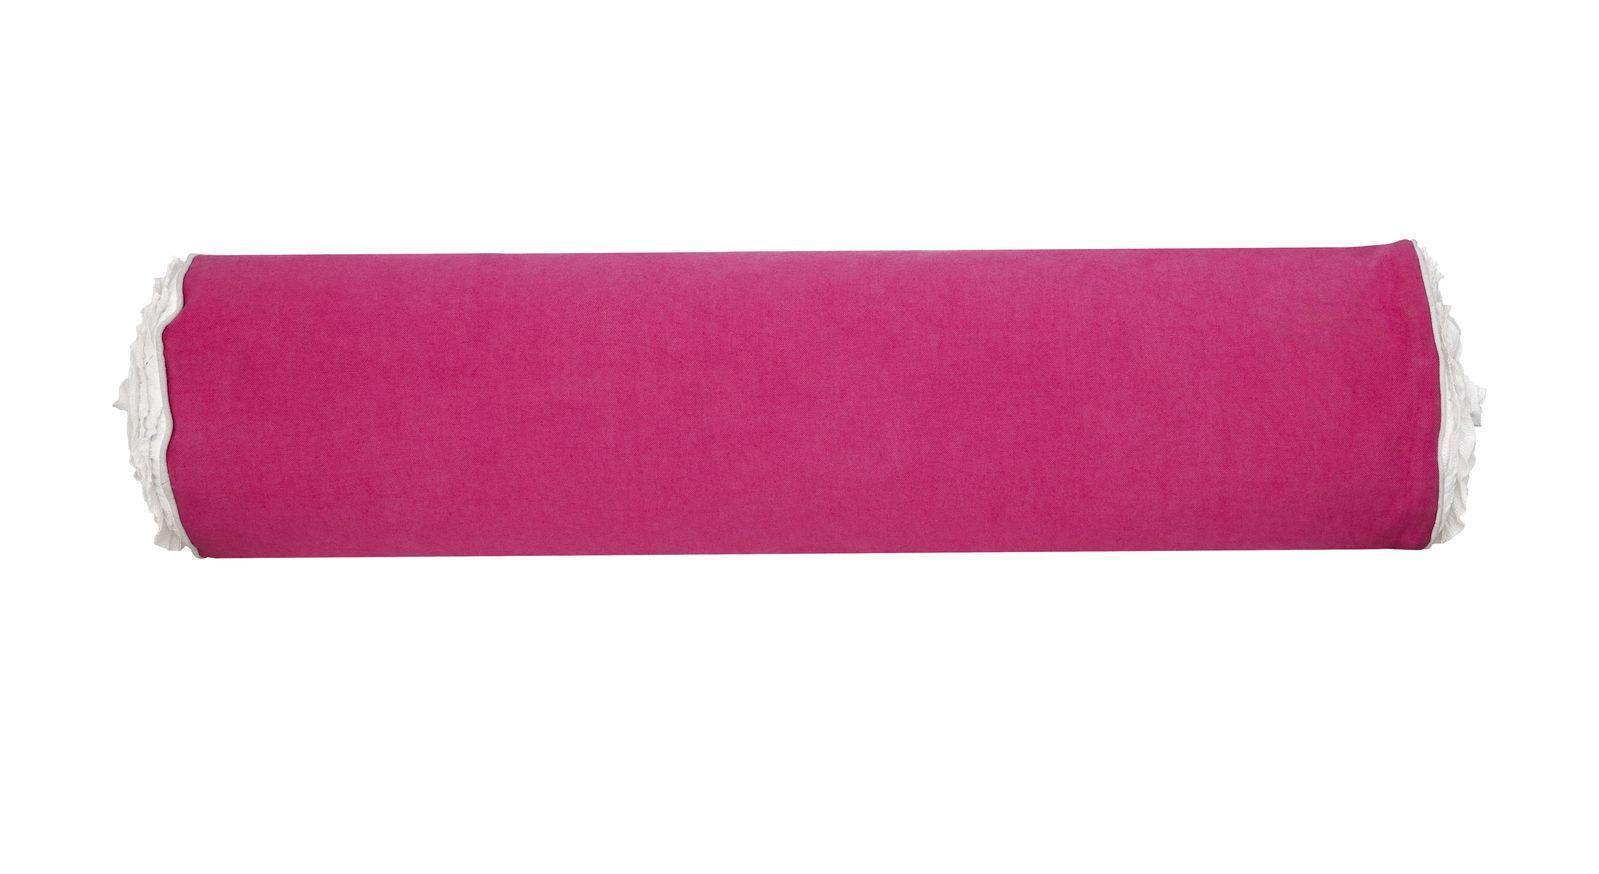 Nackenrolle Pink Dreams der LIFETIME Dekokissen